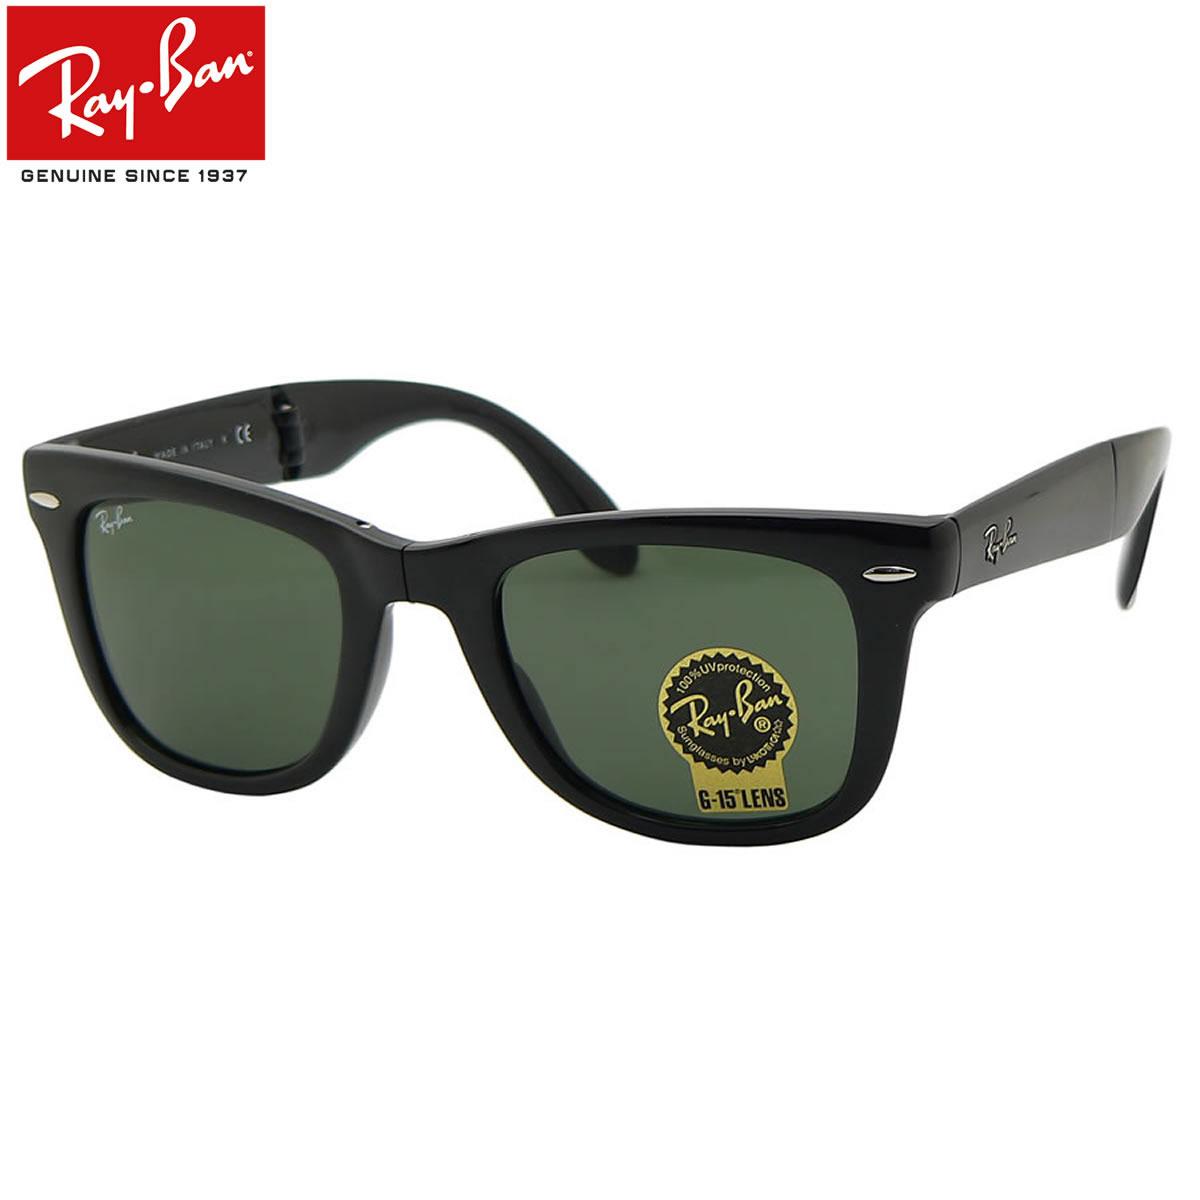 【Ray-Ban】(レイバン) ウェイファーラー フォールディング サングラス RB410…...:thats:10006368